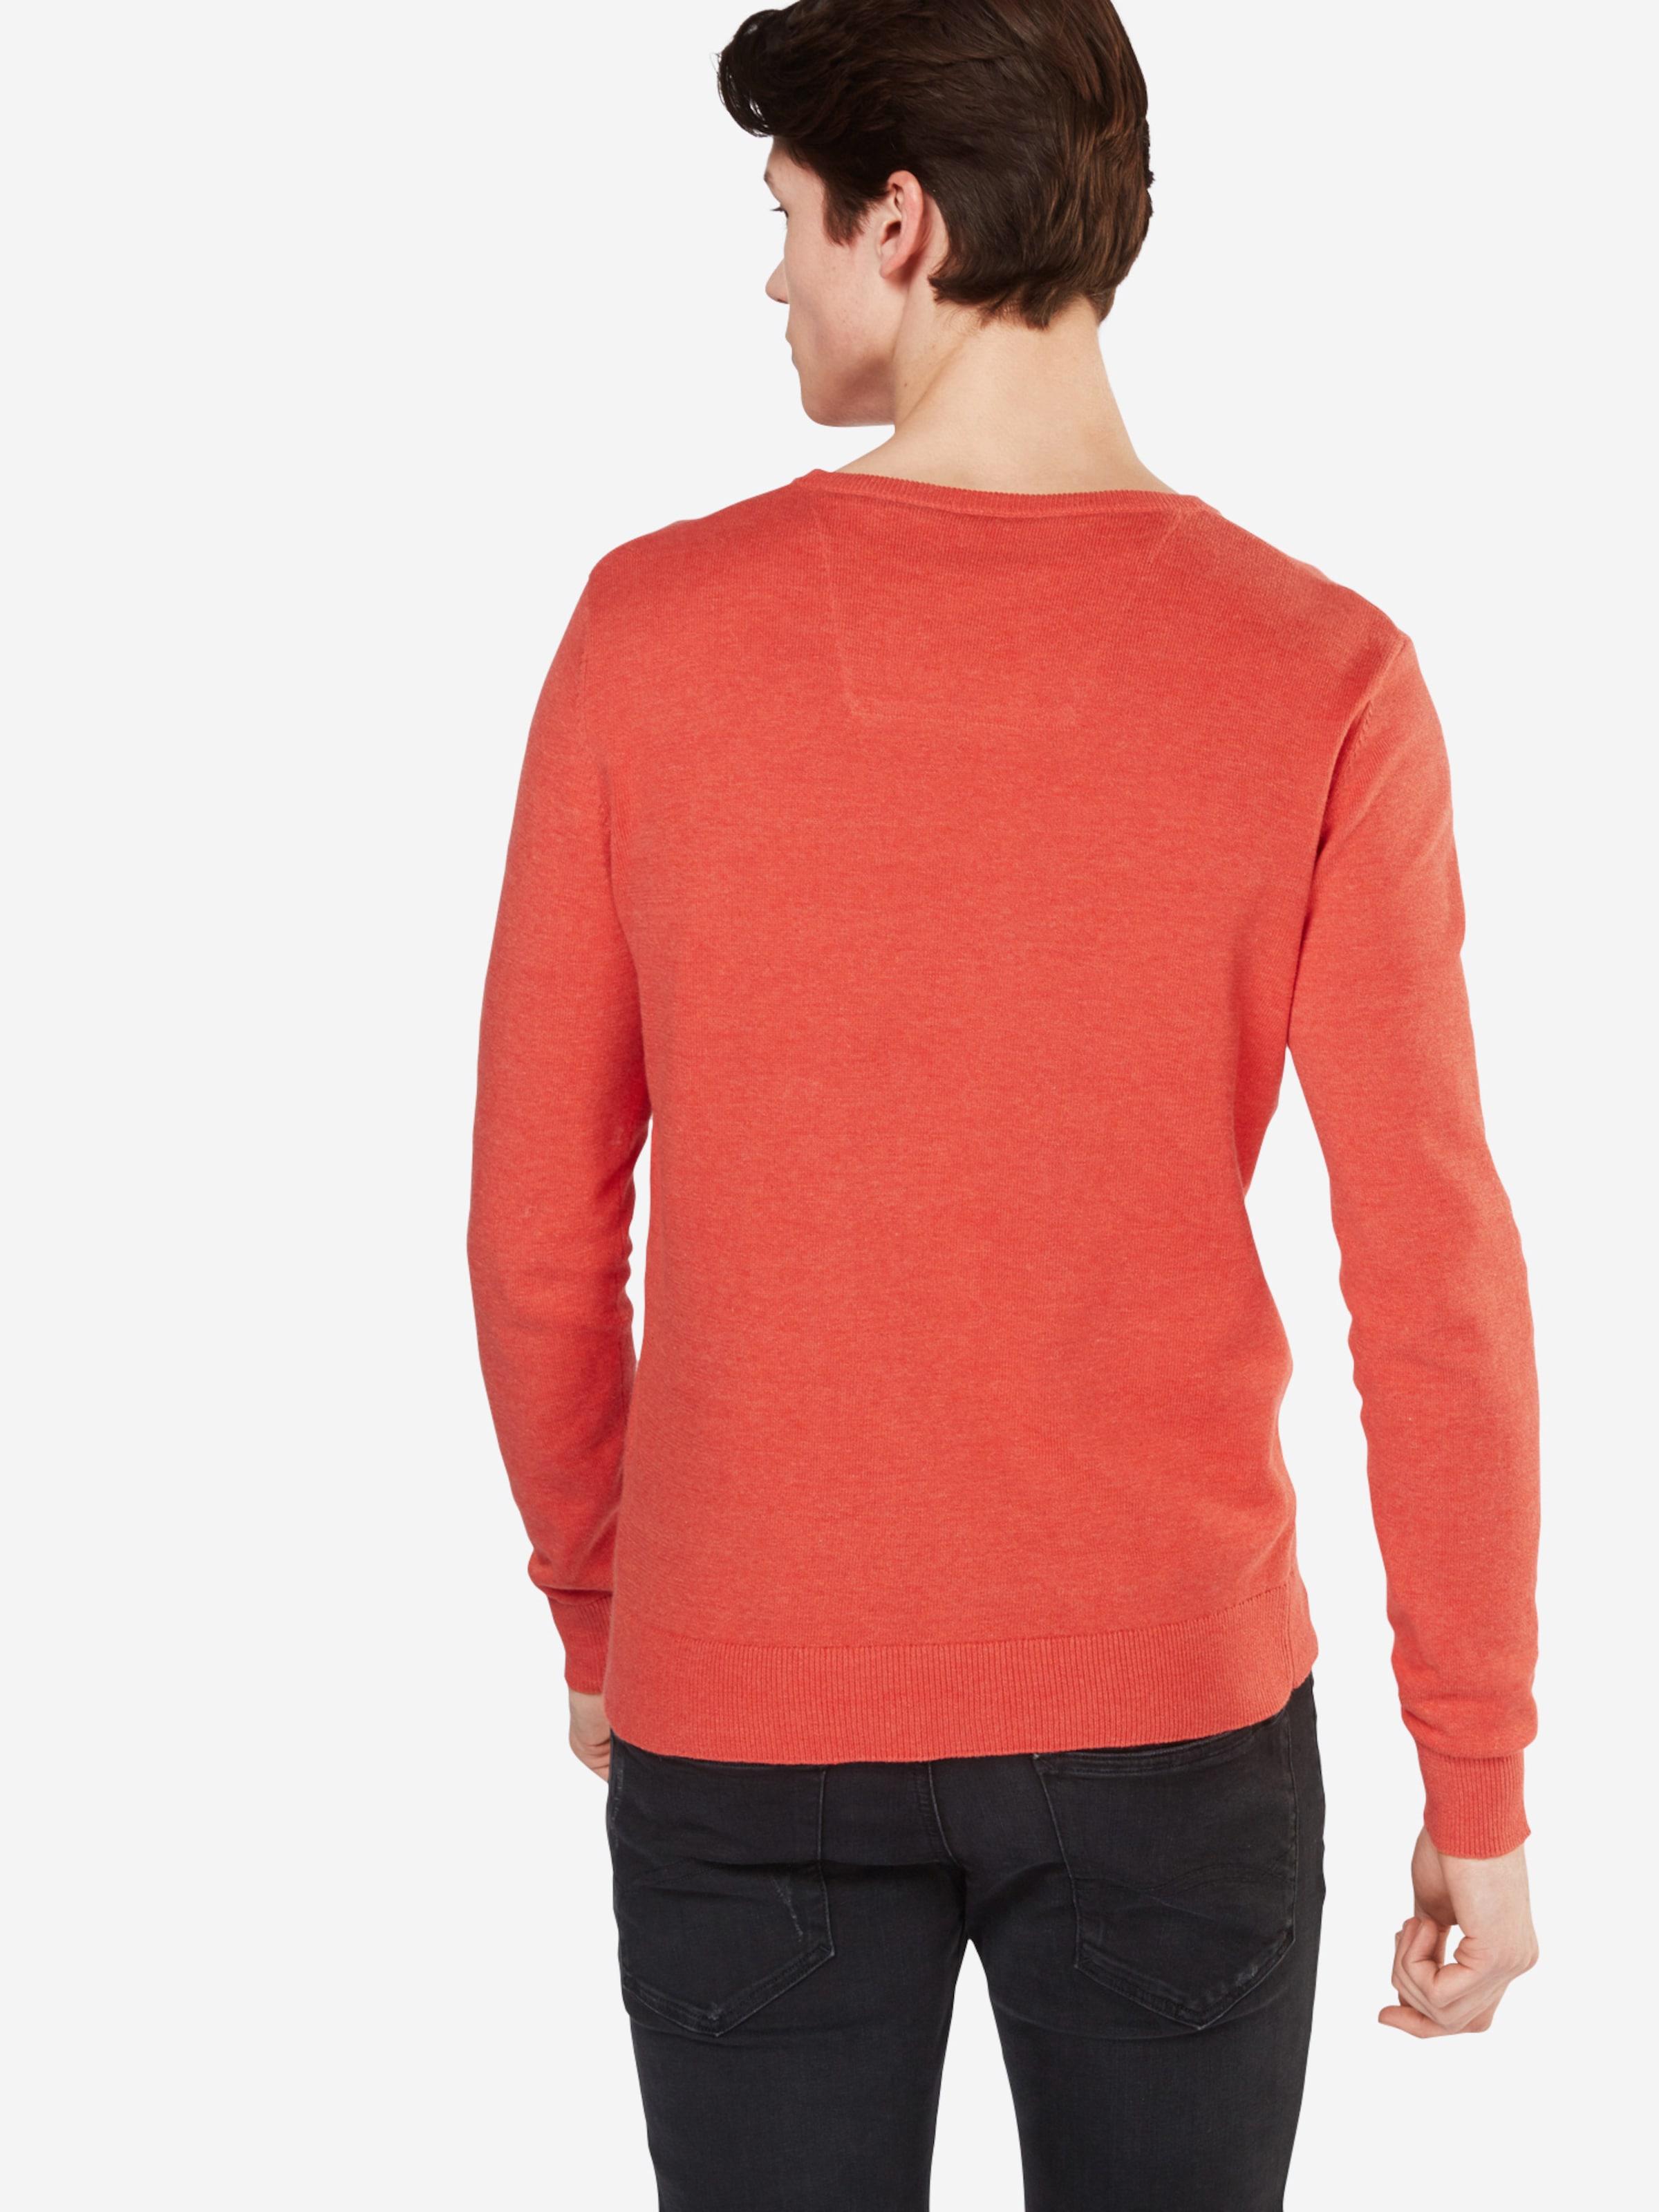 TOM TAILOR Pullover 'basic crew-neck sweater' Online Einkaufen Aus Deutschland Günstigem Preis Billigpreisnachlass Authentisch FX3EV